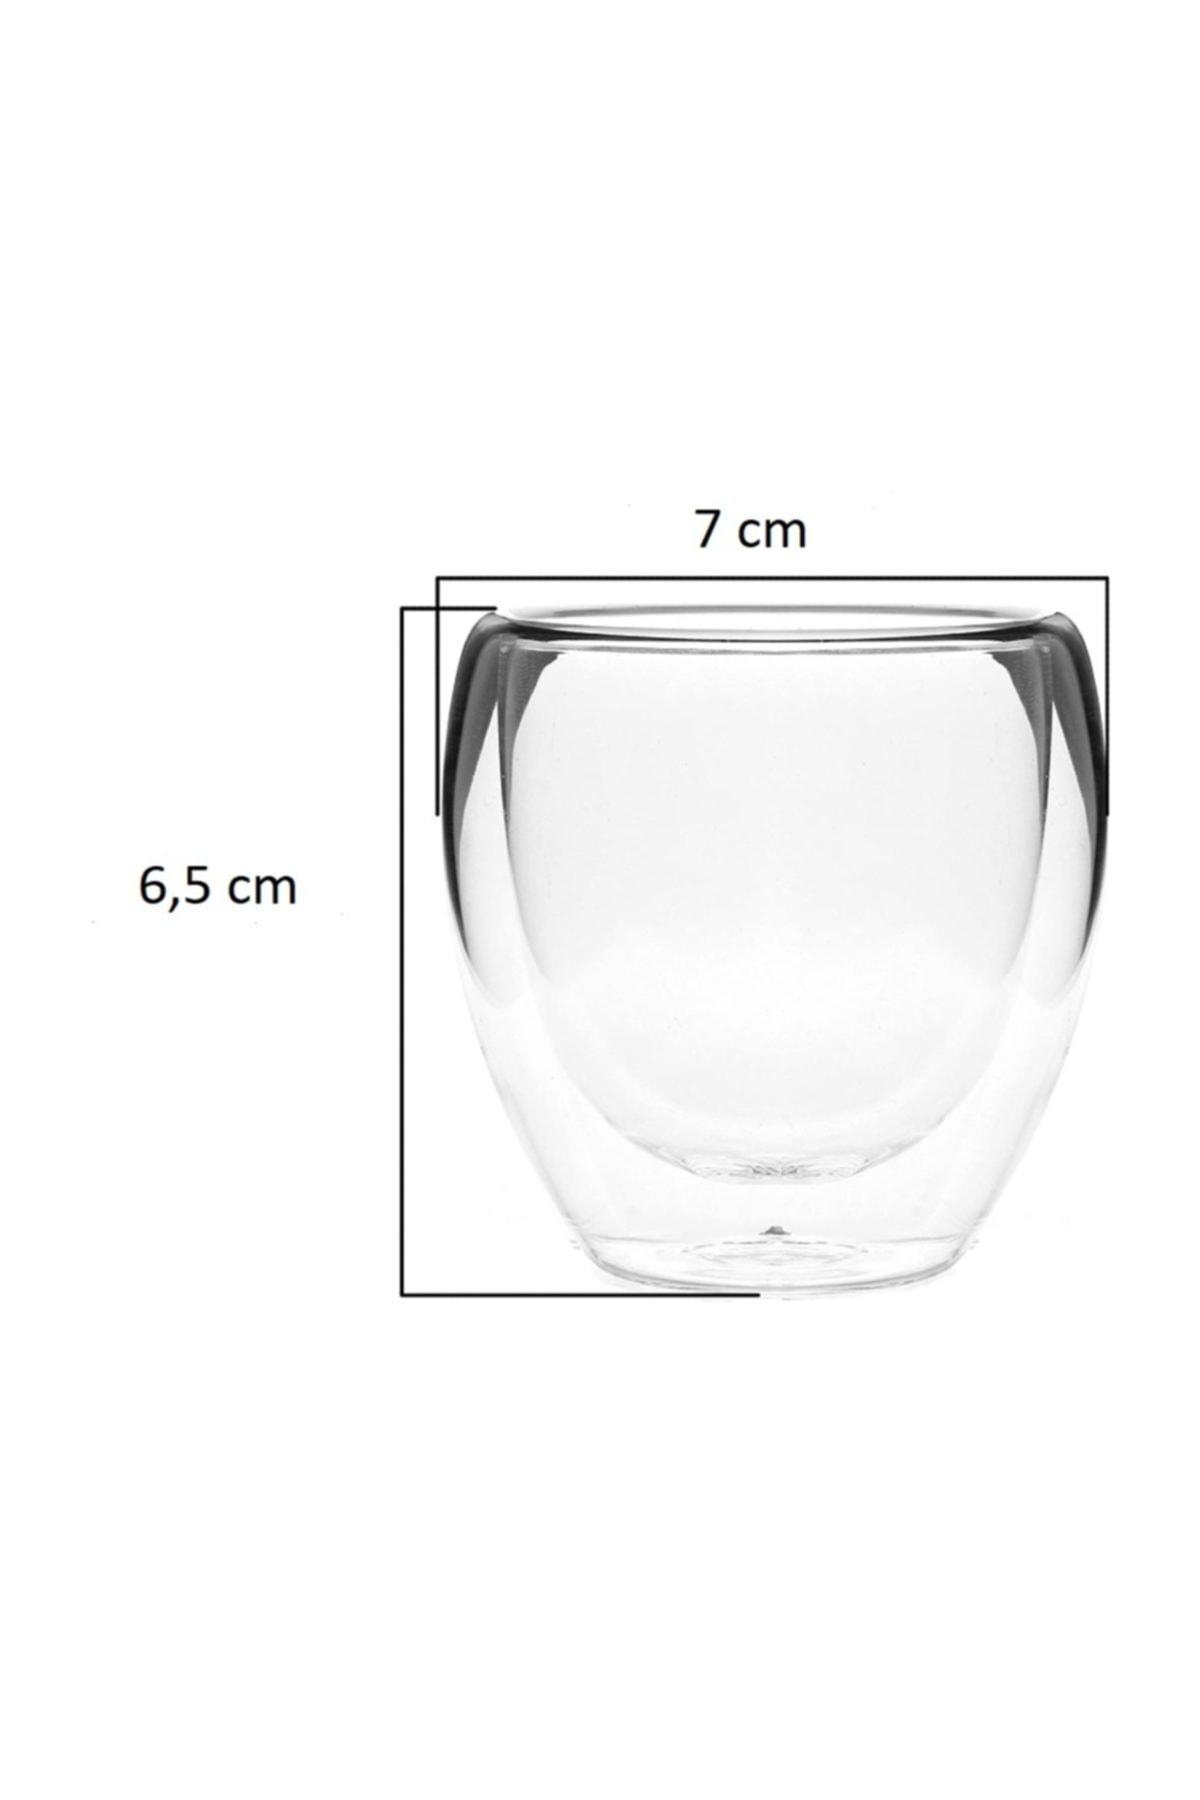 TROY Çift Cidarlı Bardak Double Wall Glass Espresso Bardağı 2'li Set 80 ml 2,7 Oz 2